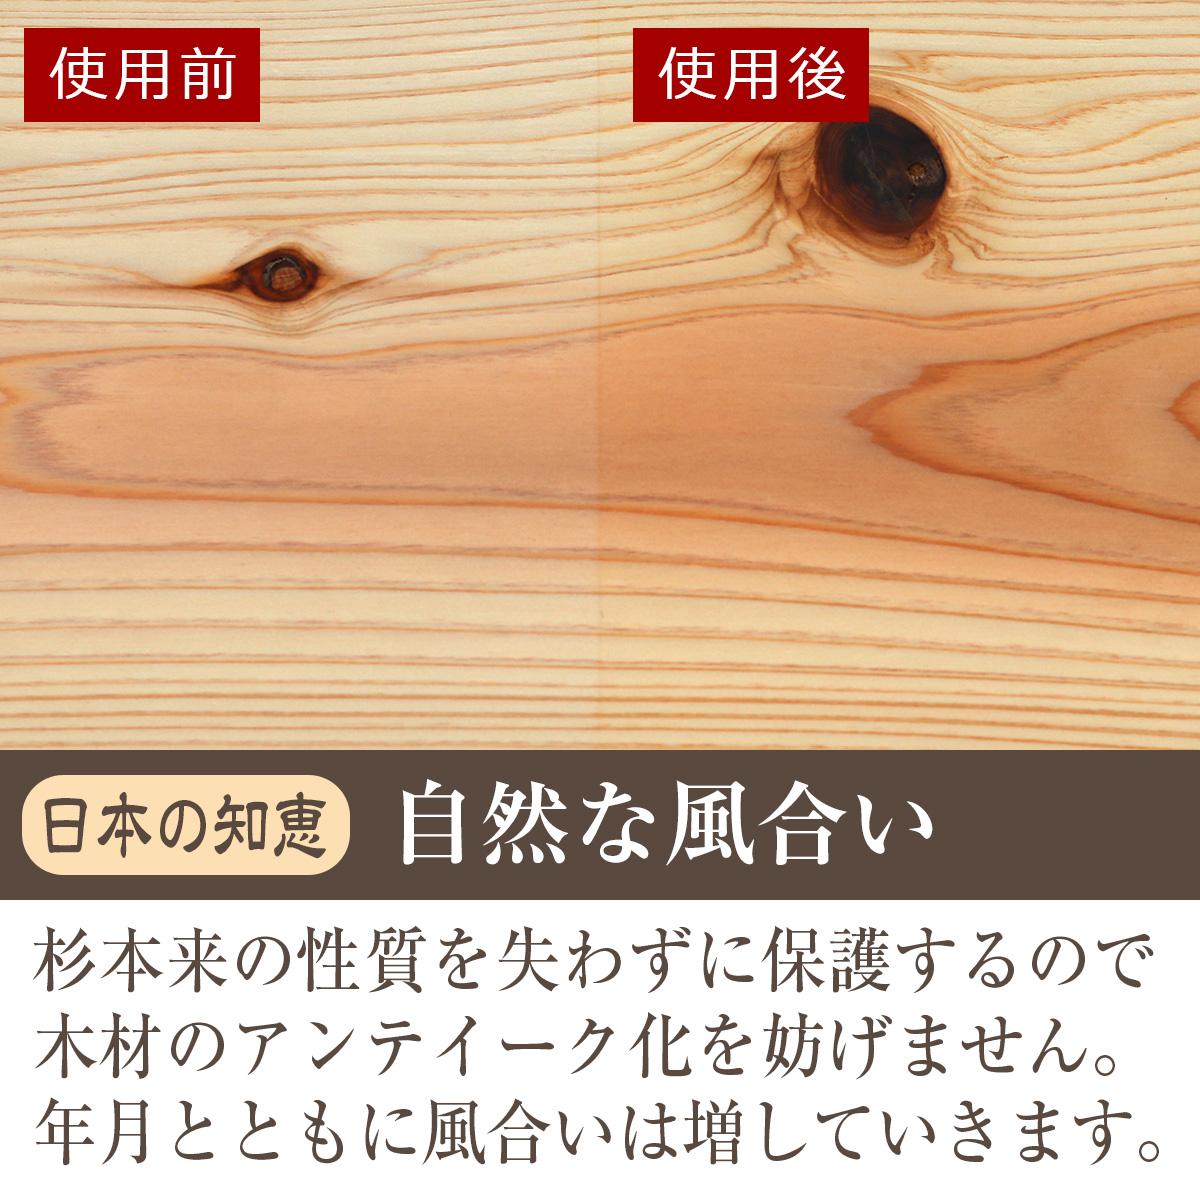 日本の知恵・自然な風合い 杉本来の性質を失わずに保護するので木材のアンティーク化を妨げません。年月とともに風合いは増していきます